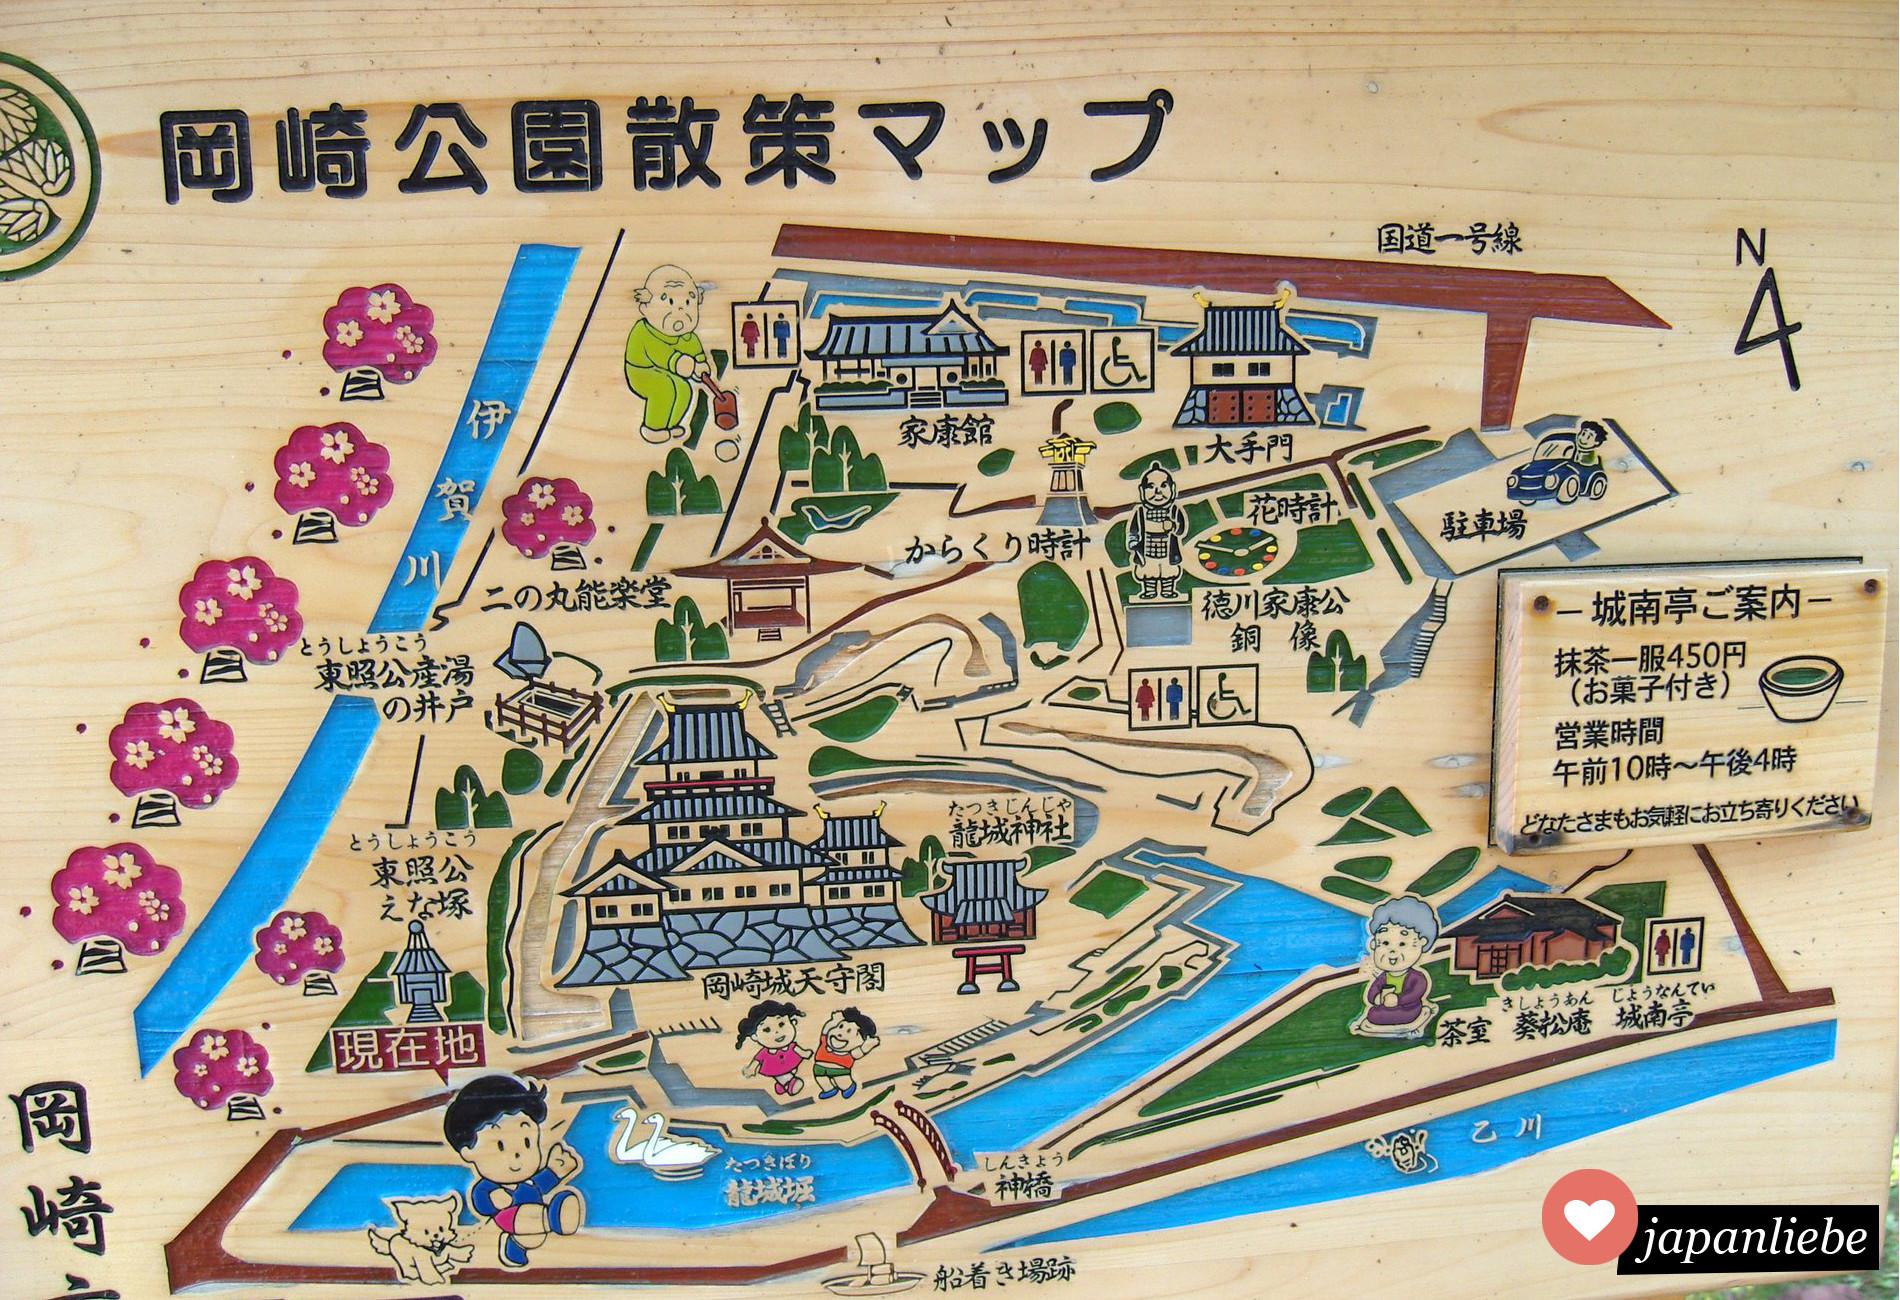 Ein Wegweiser an der Burg in Okazaki, wie alle Hinweisschilder in Japan in Blickrichtung ausgerichtet